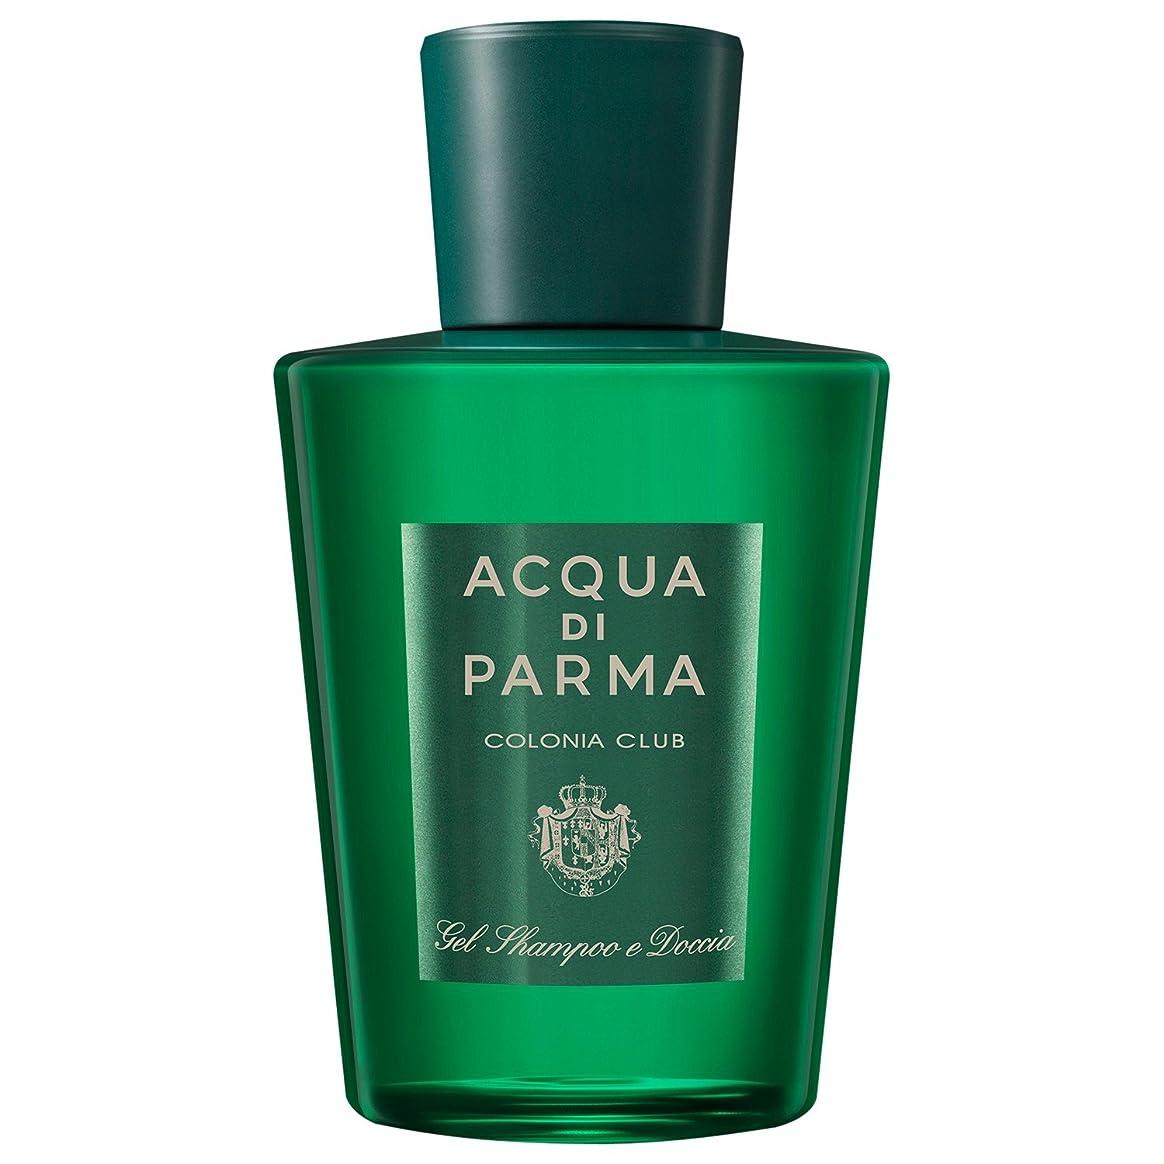 ボタン青ギャロップアクア?ディ?パルマコロニアクラブのシャワージェル200ミリリットル (Acqua di Parma) (x2) - Acqua di Parma Colonia Club Shower Gel 200ml (Pack of 2) [並行輸入品]